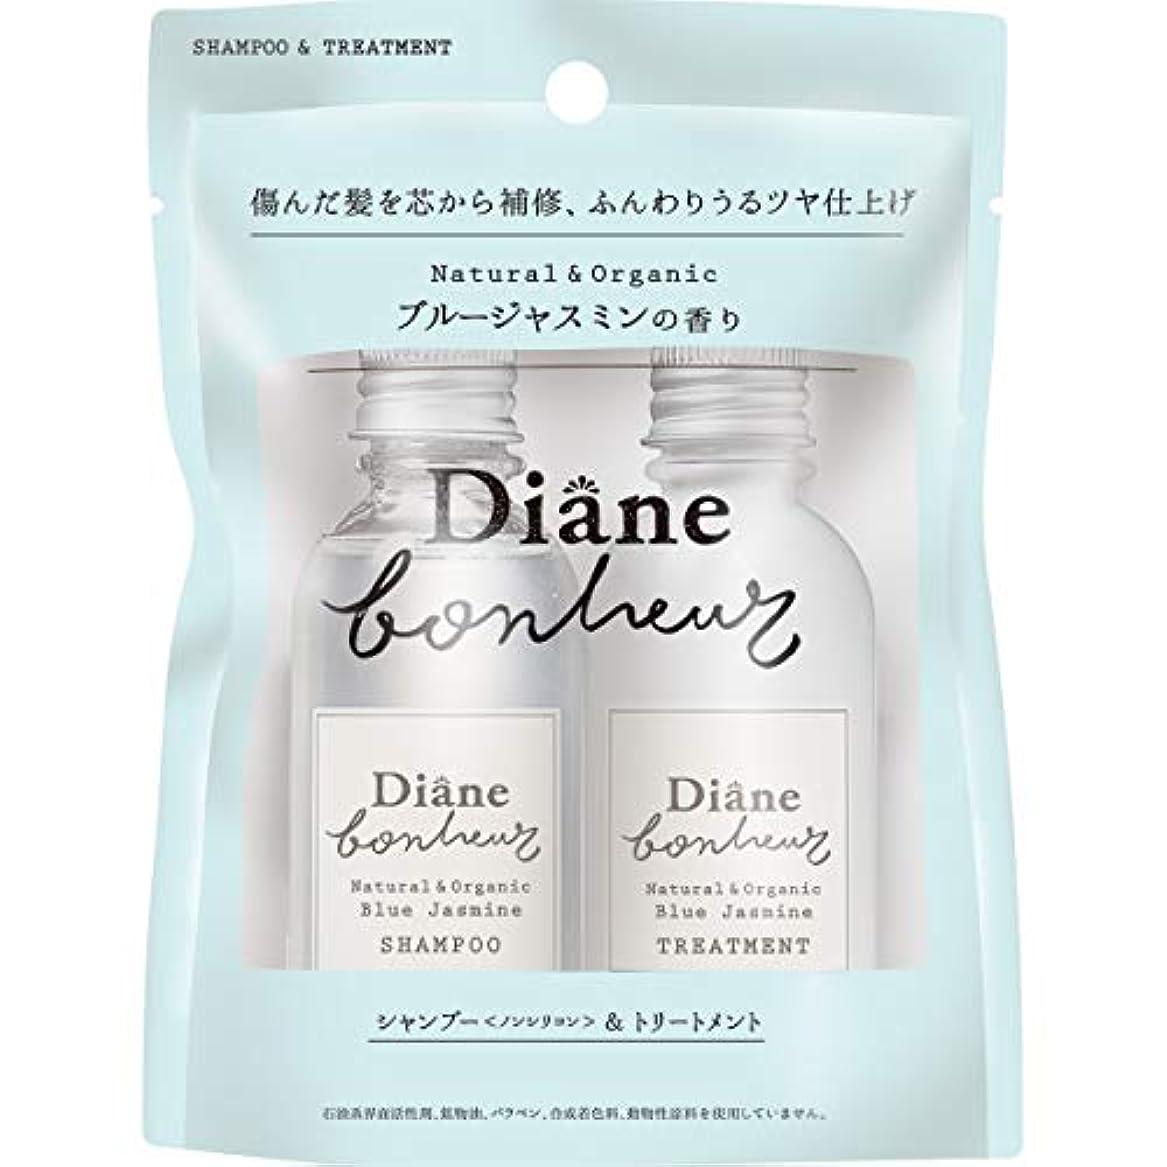 ダイアン ボヌール ブルージャスミンの香り シャンプー&トリートメント トライアル ダメージリペア&シャイン 40ml×2